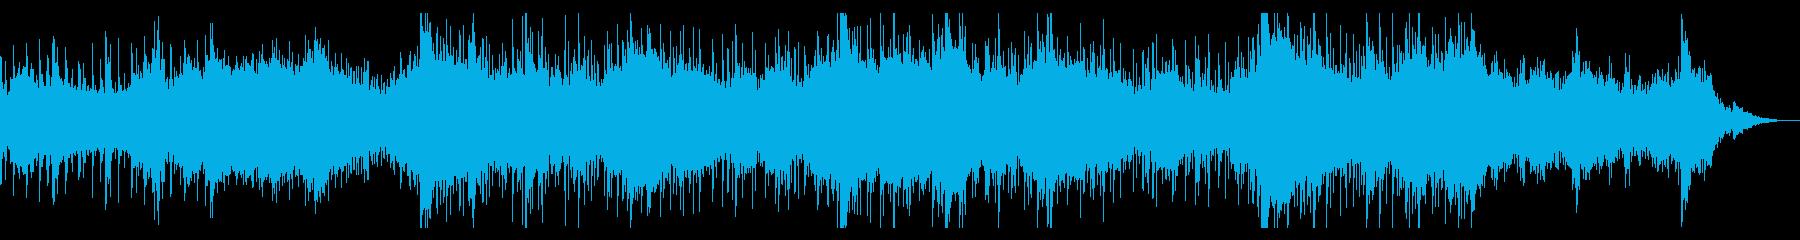 インダストリアルなテクスチャーの再生済みの波形